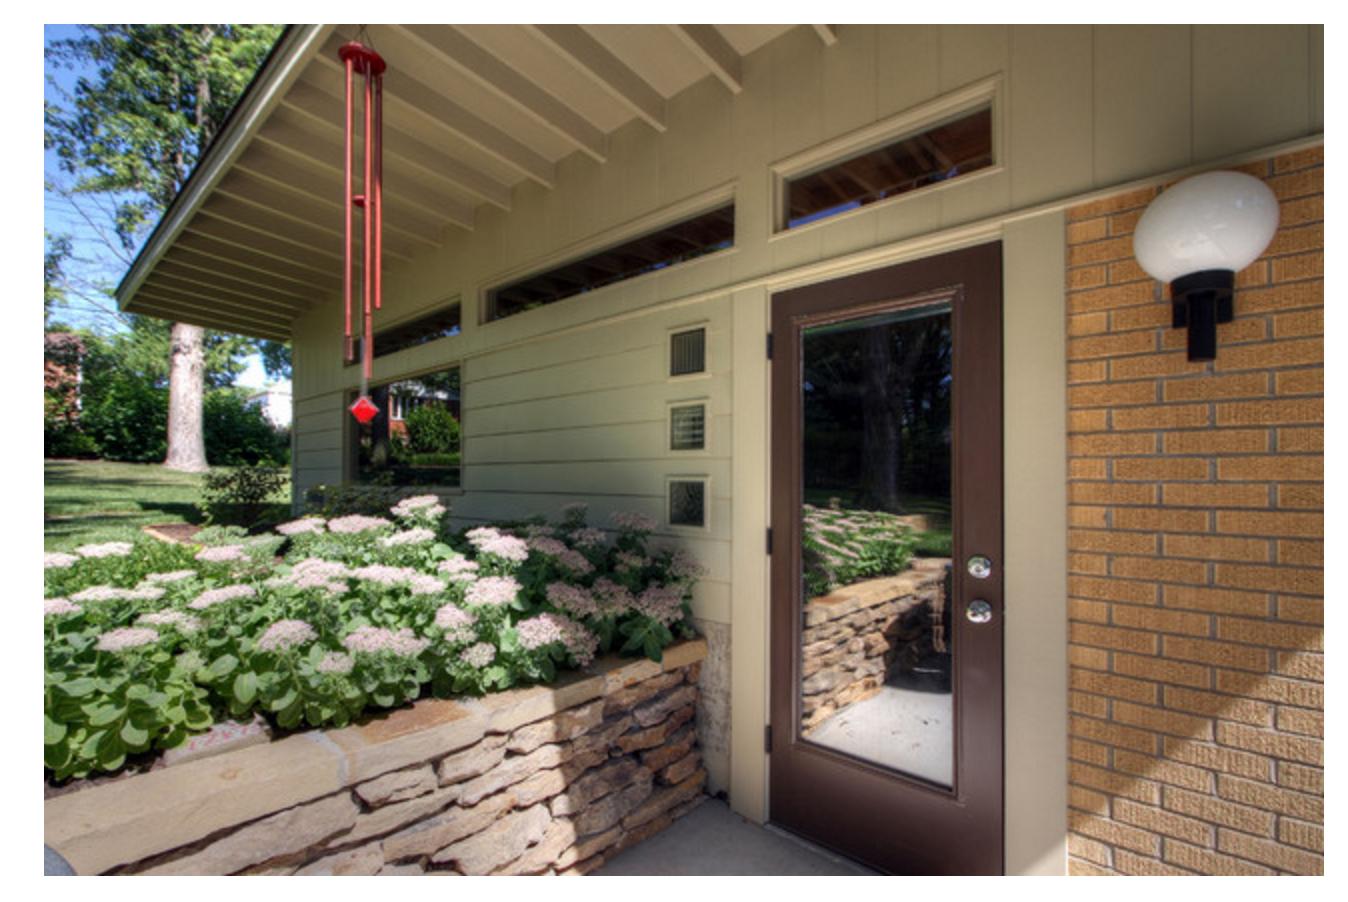 Garage view | Garage design, Mid century modern house ...